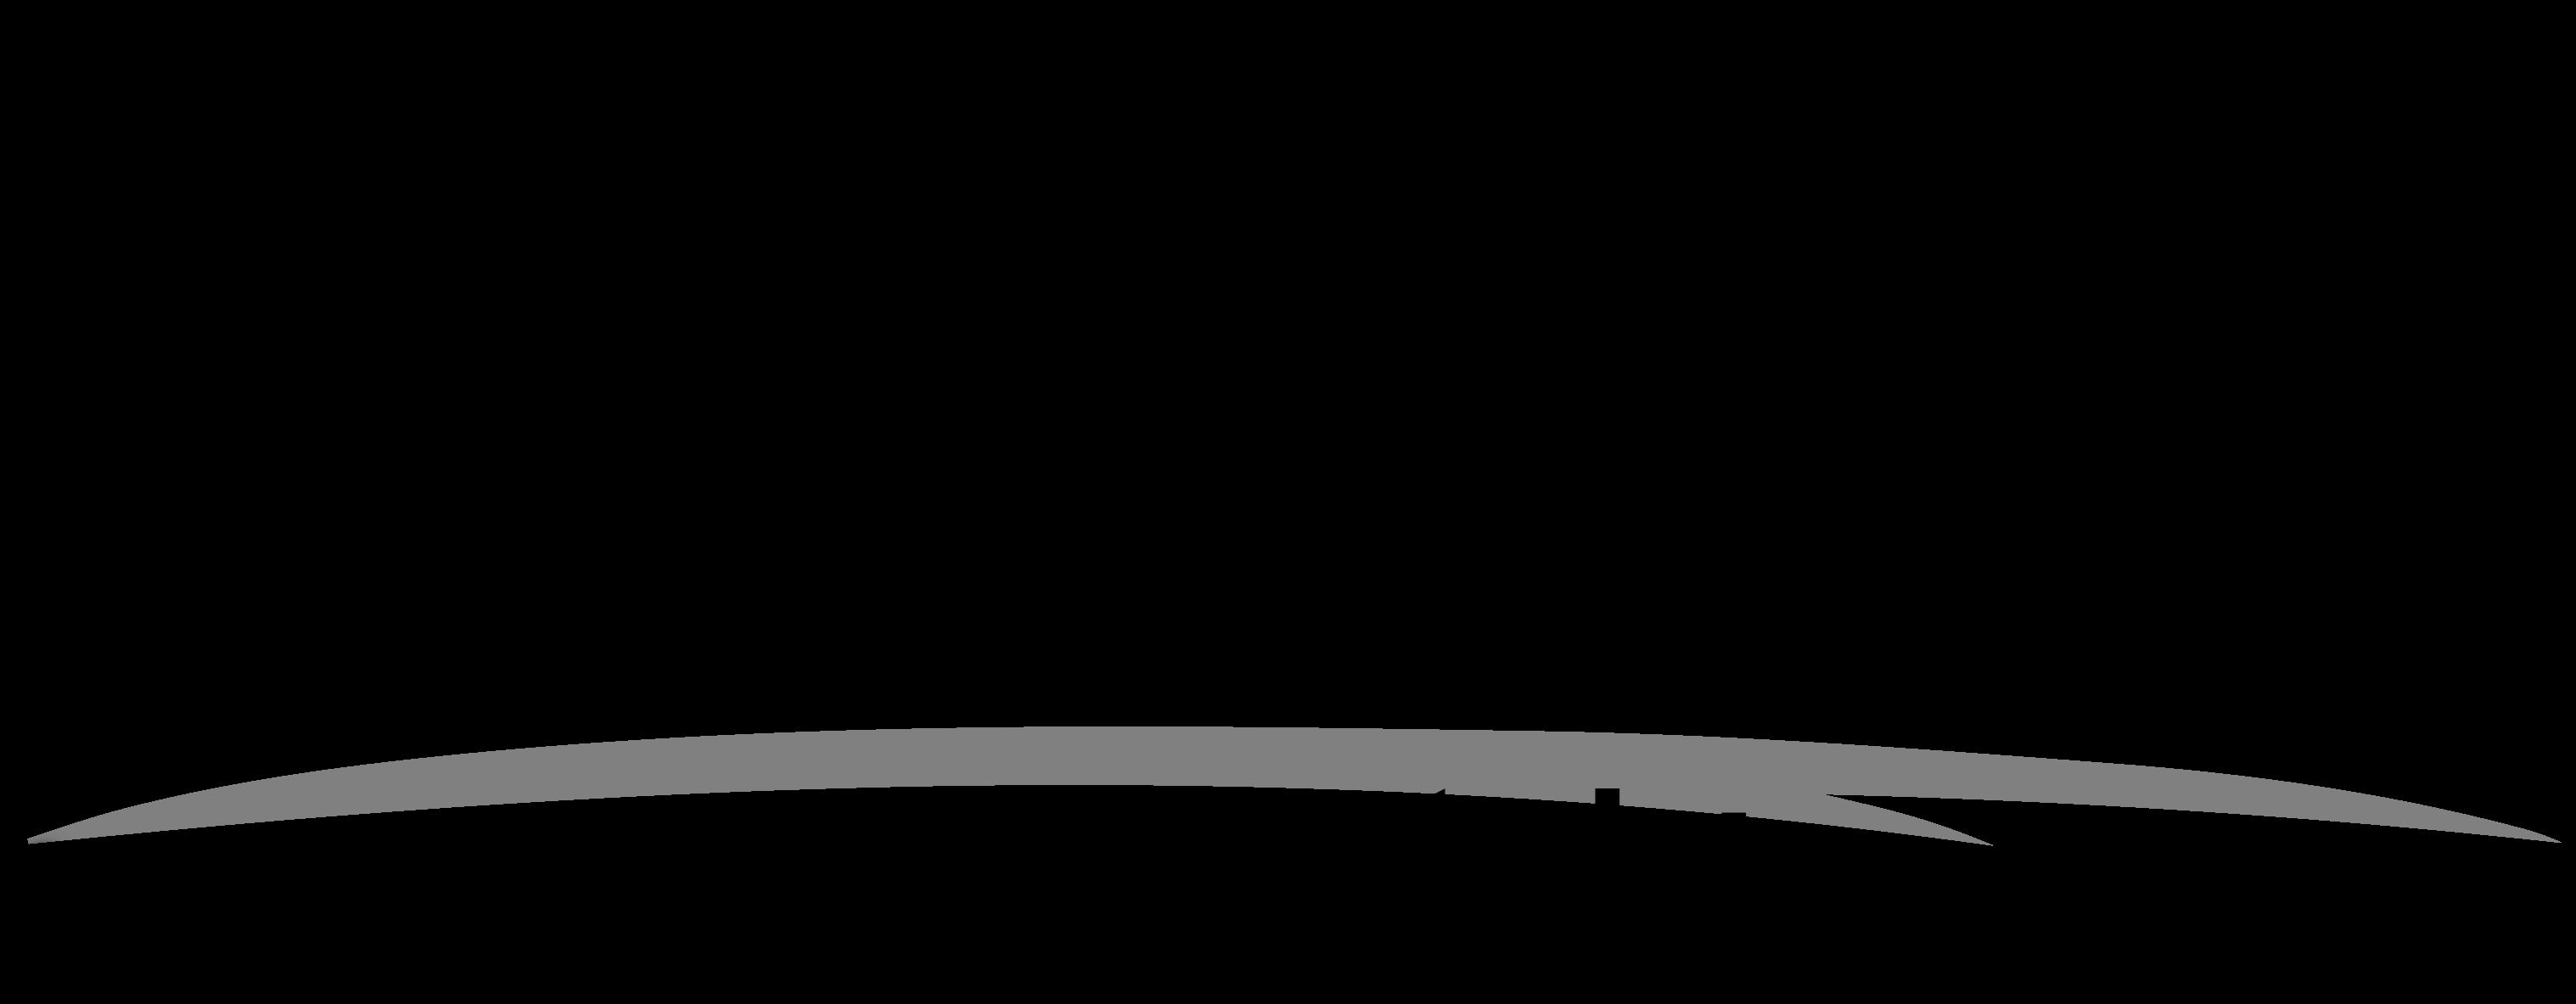 TETŐFÓLIÁS - Hogy a tető azt kapja  amit megérdemel